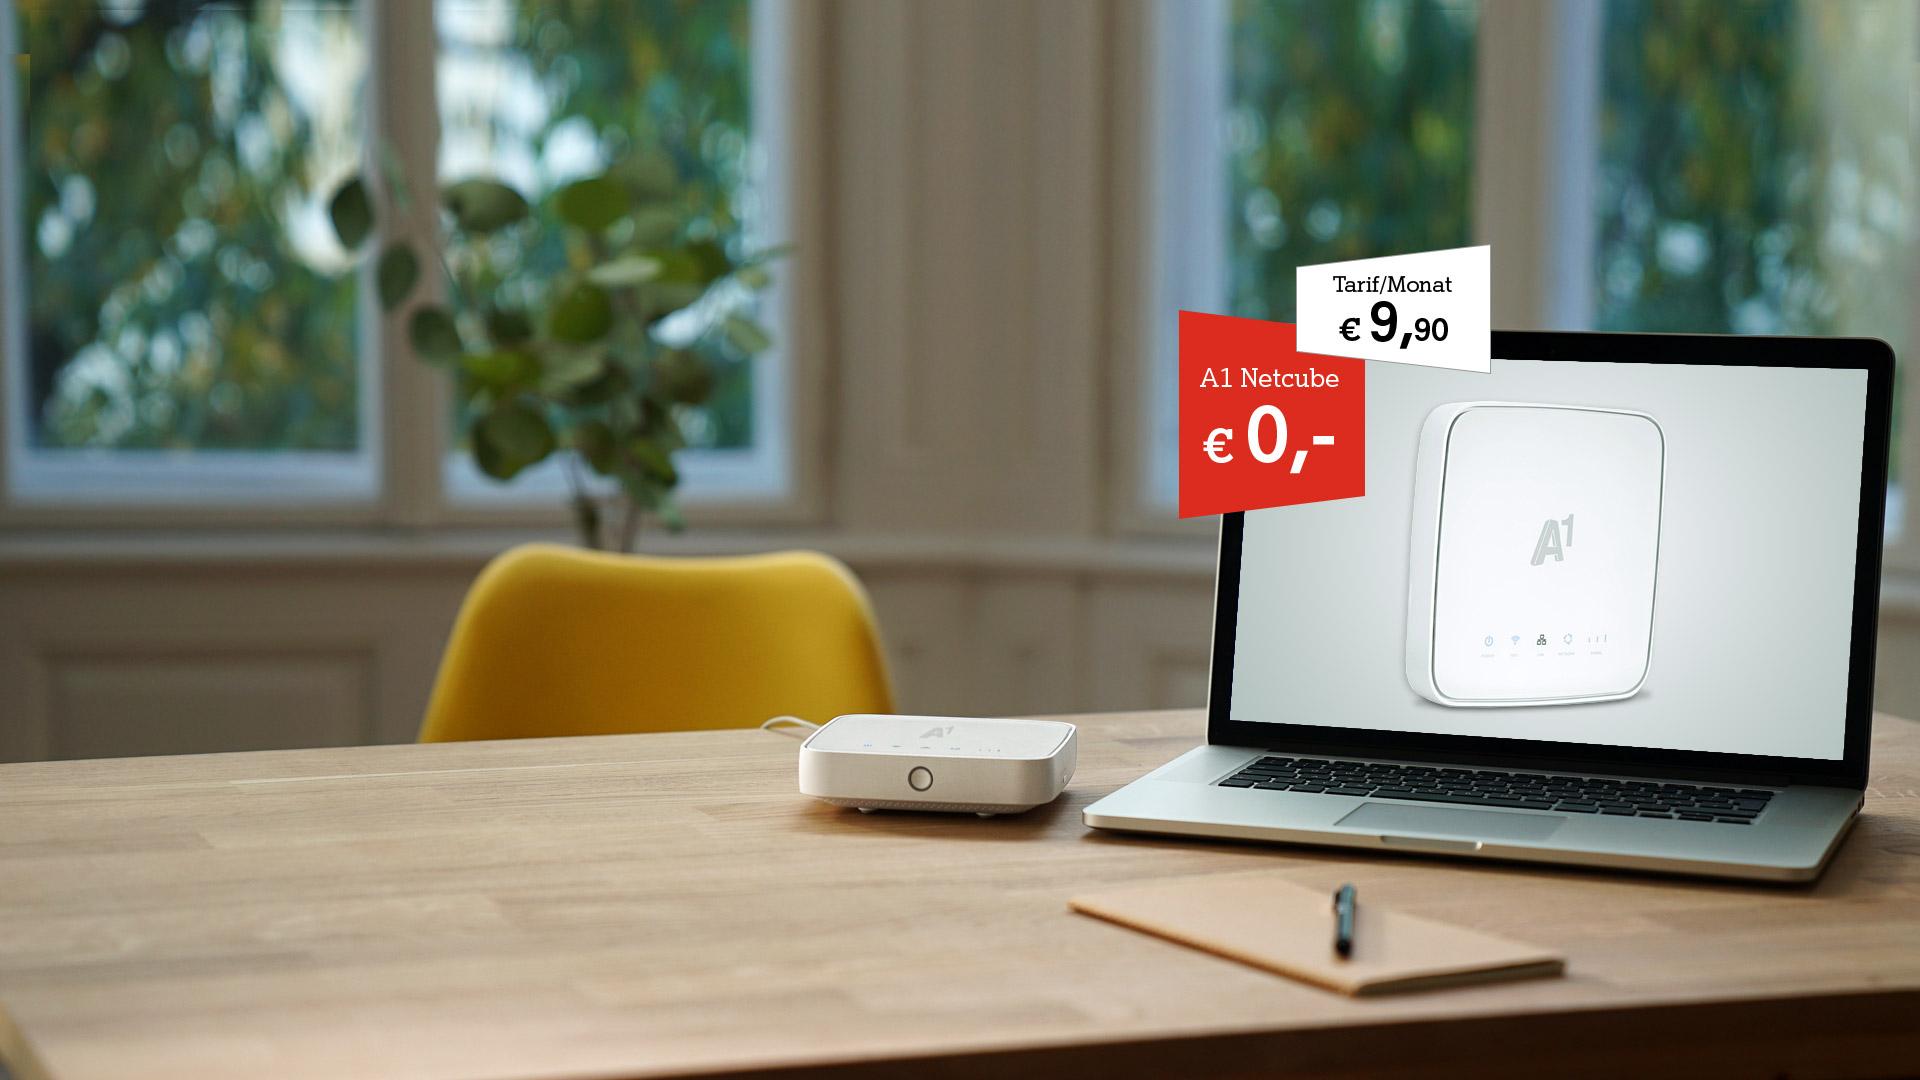 A1 Net Cube 2 neben einem Laptop auf einem Tisch. A1 Net Cube um € 0,- und Tarif um € 9,90.